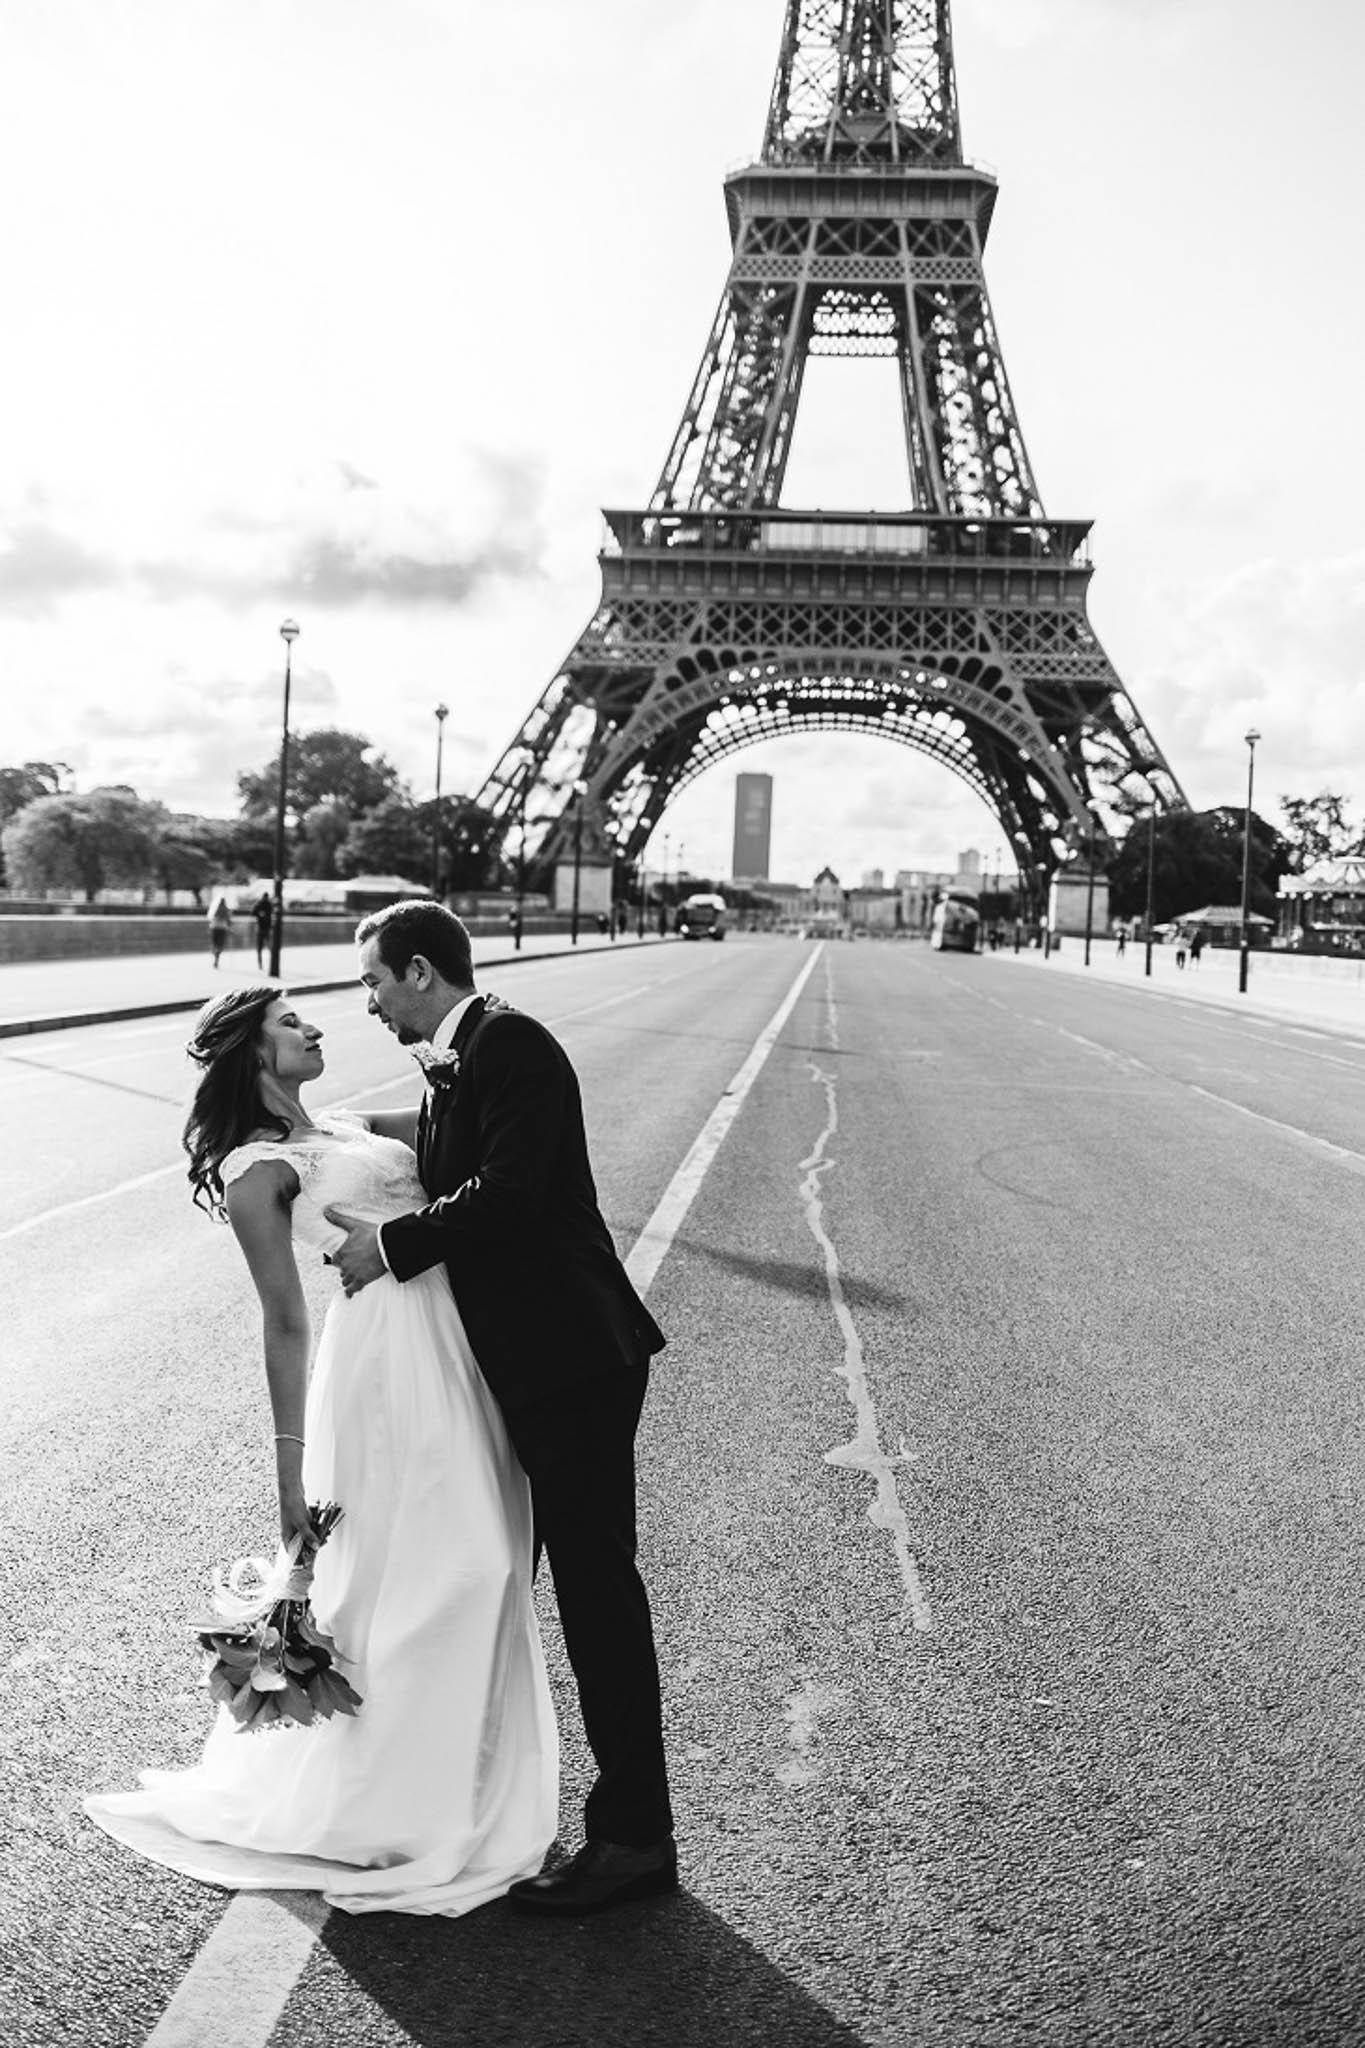 Art_Avec_Amour_Photographe_Mariage_Famille_Paris_France-00007.jpg